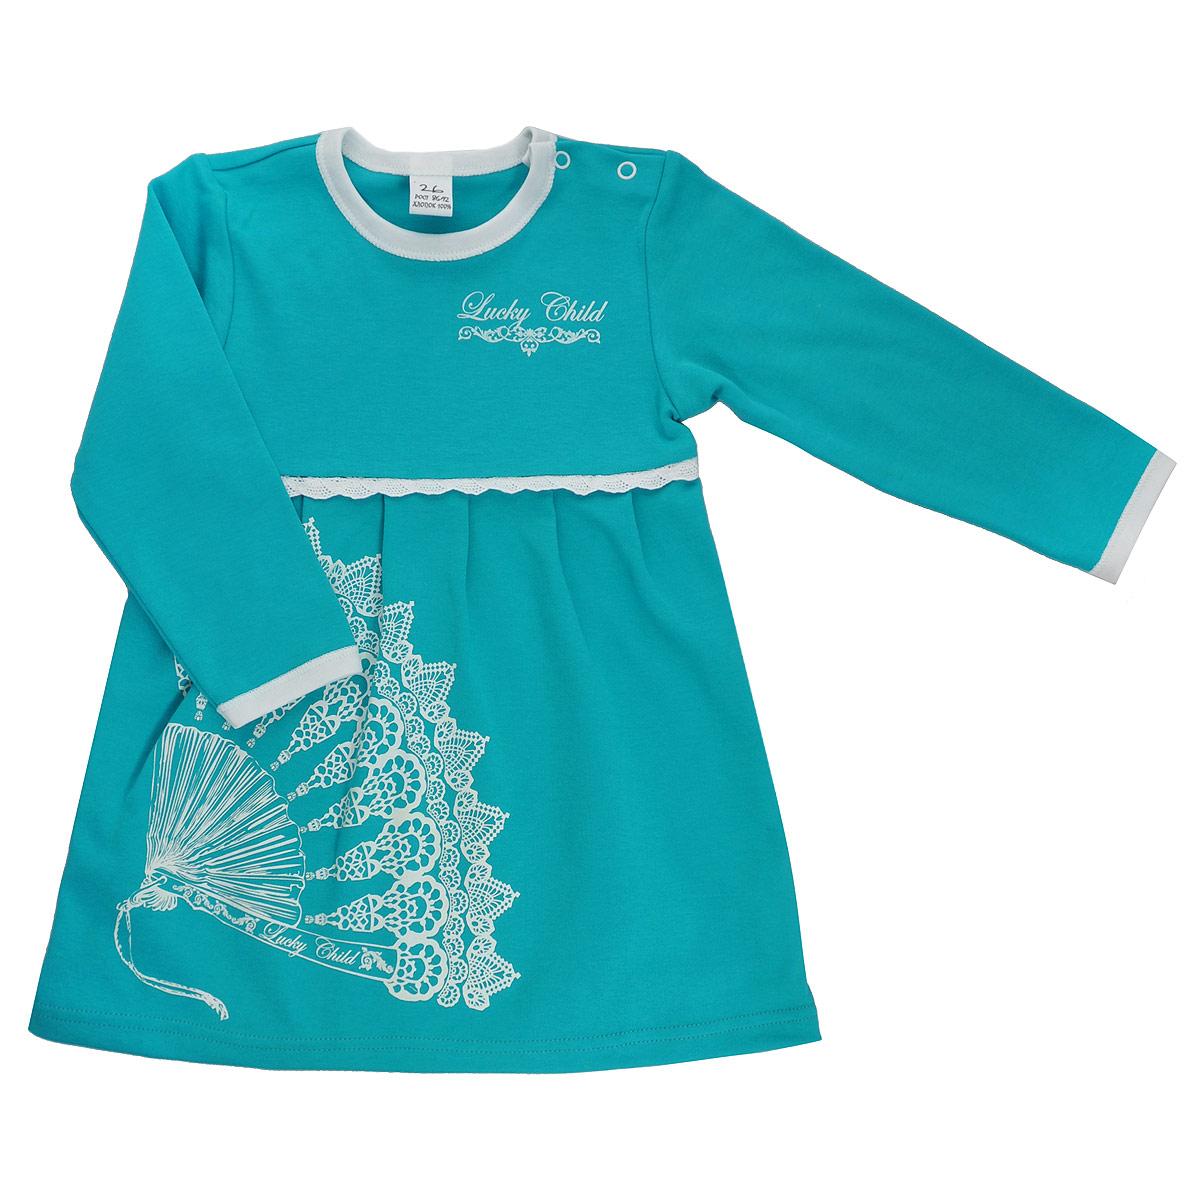 Платье14-6Платье для девочки Lucky Child Ретро послужит идеальным дополнением к гардеробу вашей малышки, обеспечивая ей наибольший комфорт. Изготовленное из натурального хлопка, оно необычайно мягкое и легкое, не раздражает нежную кожу ребенка и хорошо вентилируется, а эластичные швы приятны телу ребенка и не препятствуют его движениям. Платье с длинными рукавами и круглым врезом горловины имеет кнопки по плечу, которые позволяют без труда переодеть малышку. Спереди оно оформлено оригинальным принтом с изображением веера в стиле ретро. Платье полностью соответствует особенностям жизни ребенка в ранний период, не стесняя и не ограничивая его в движениях.